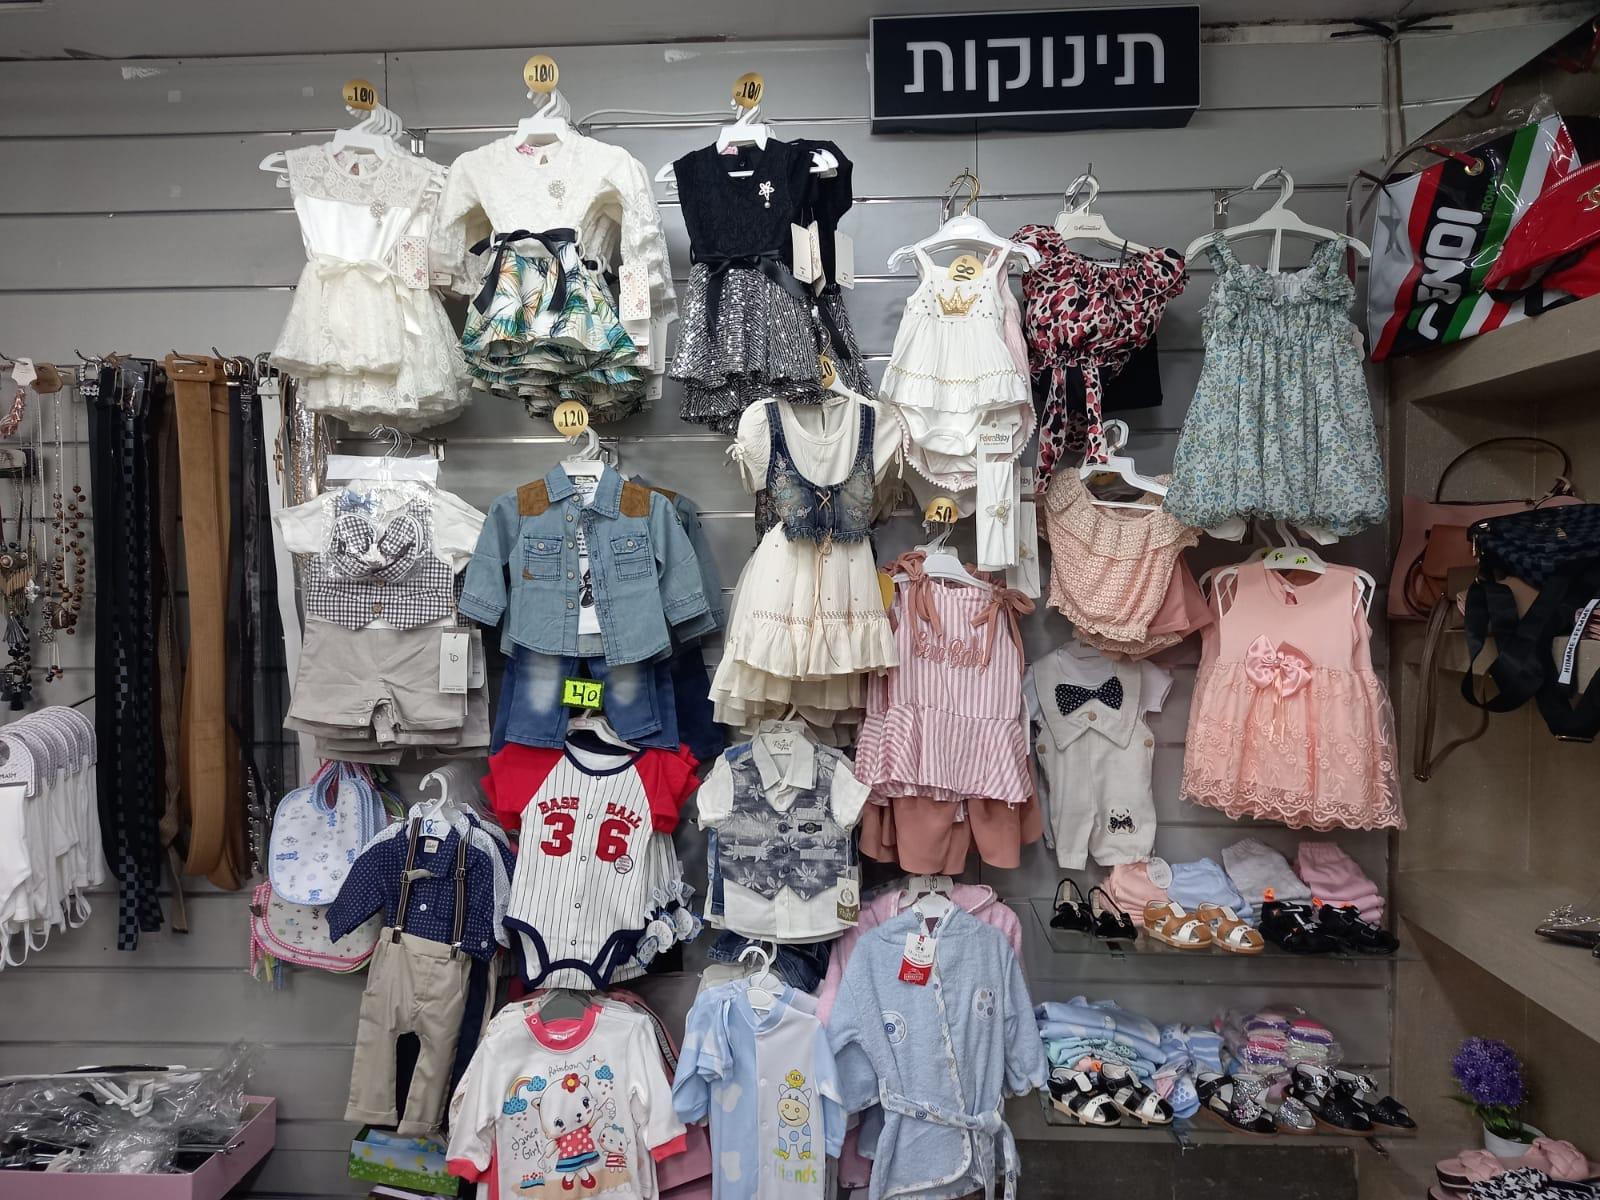 يافا: بوتيك لابوا لملابس البنات والستات يُعلن عن وصول تشكيلة العيد